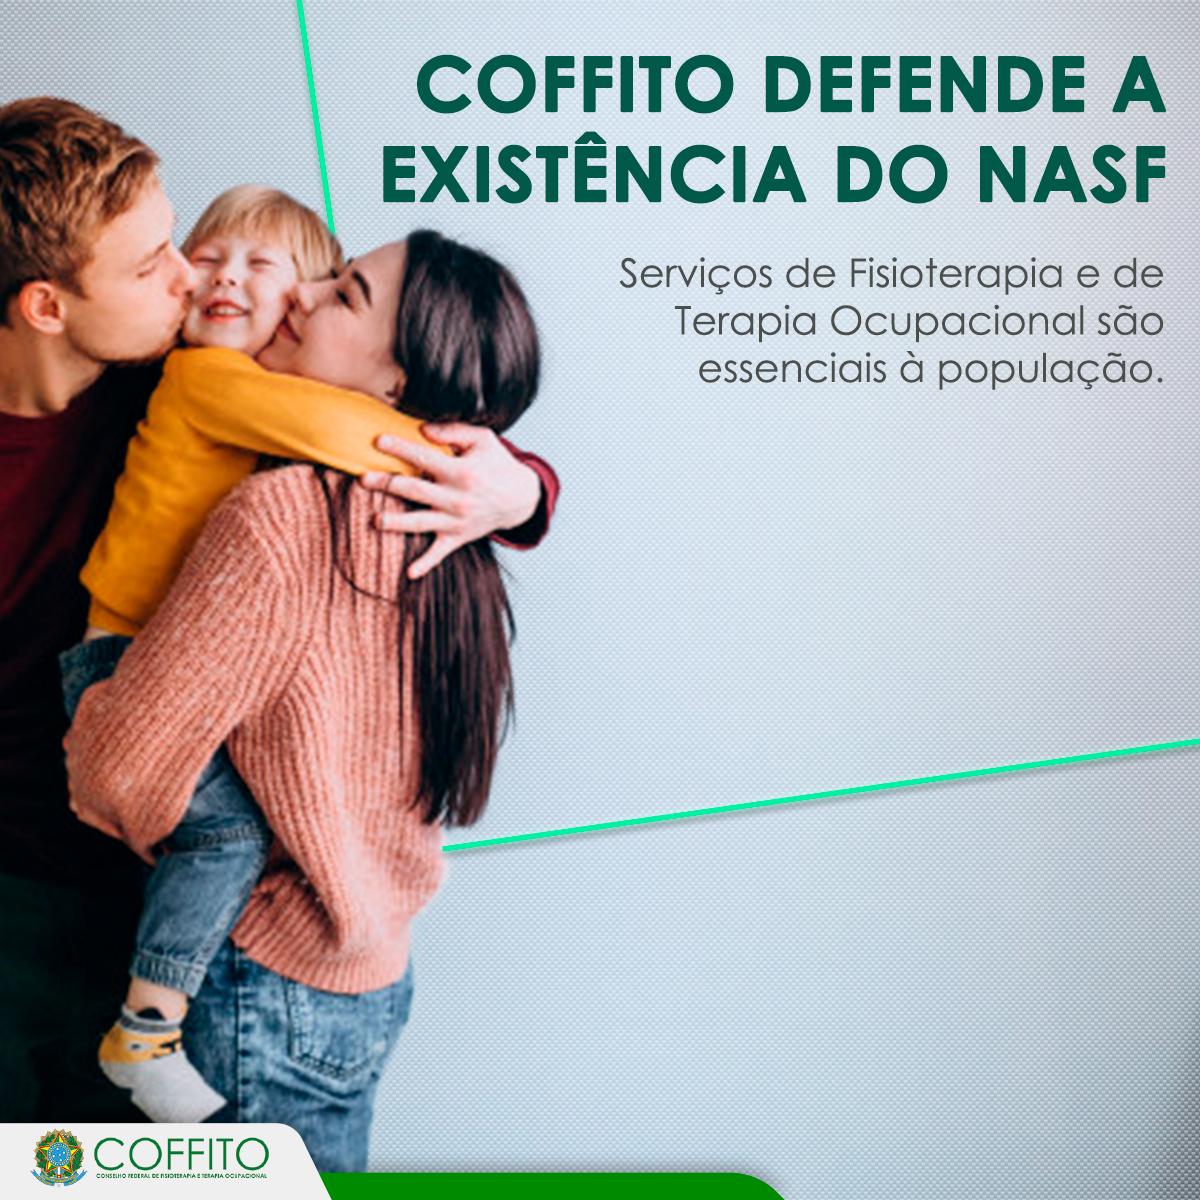 Crefito5 ratifica posição do COFFITO - NASF é essencial à saúde da população